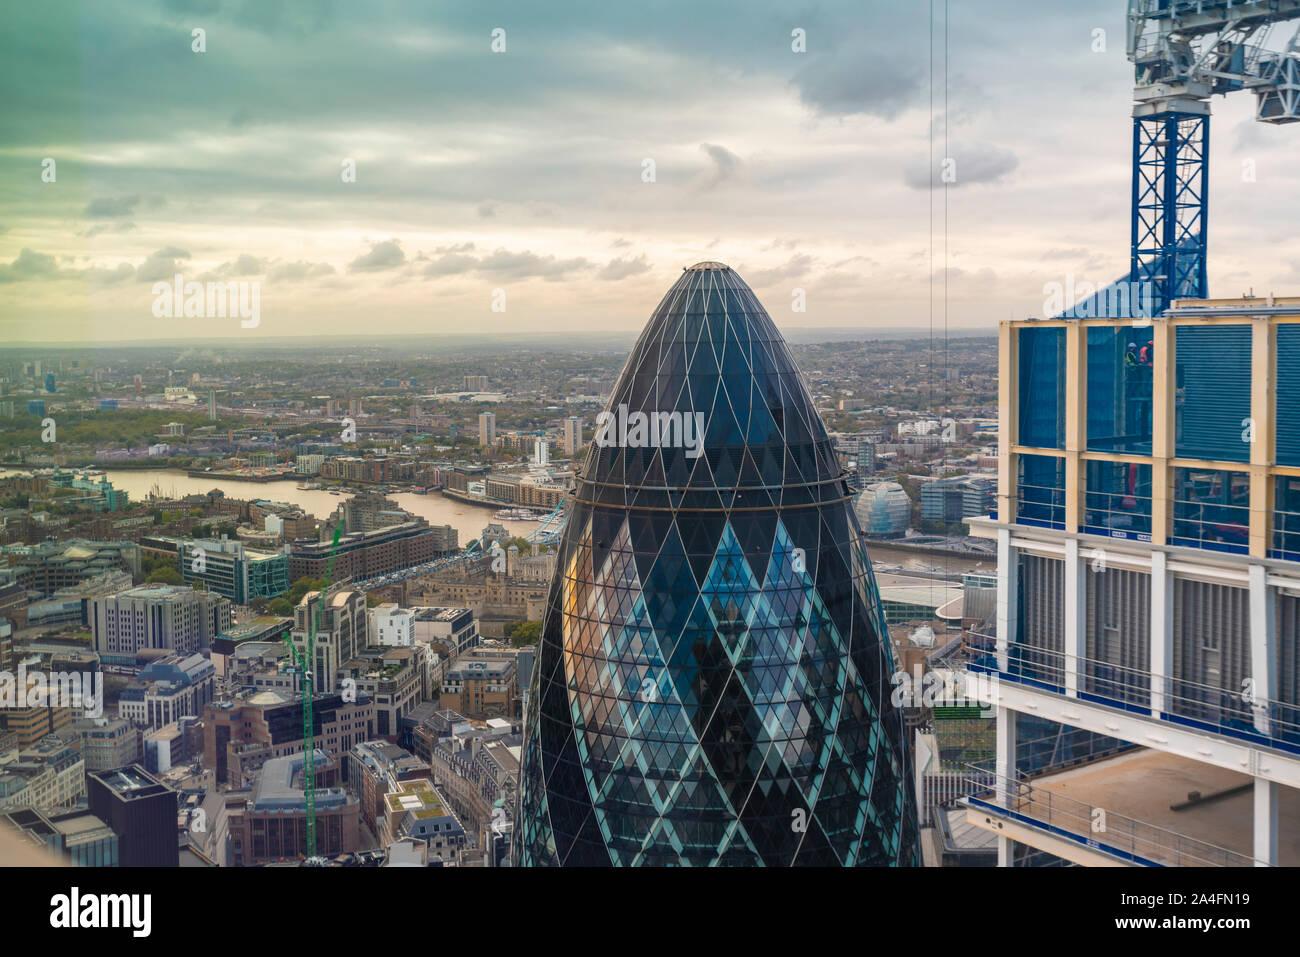 El pepinillo tower visto desde arriba con el Thames River en el fondo Foto de stock